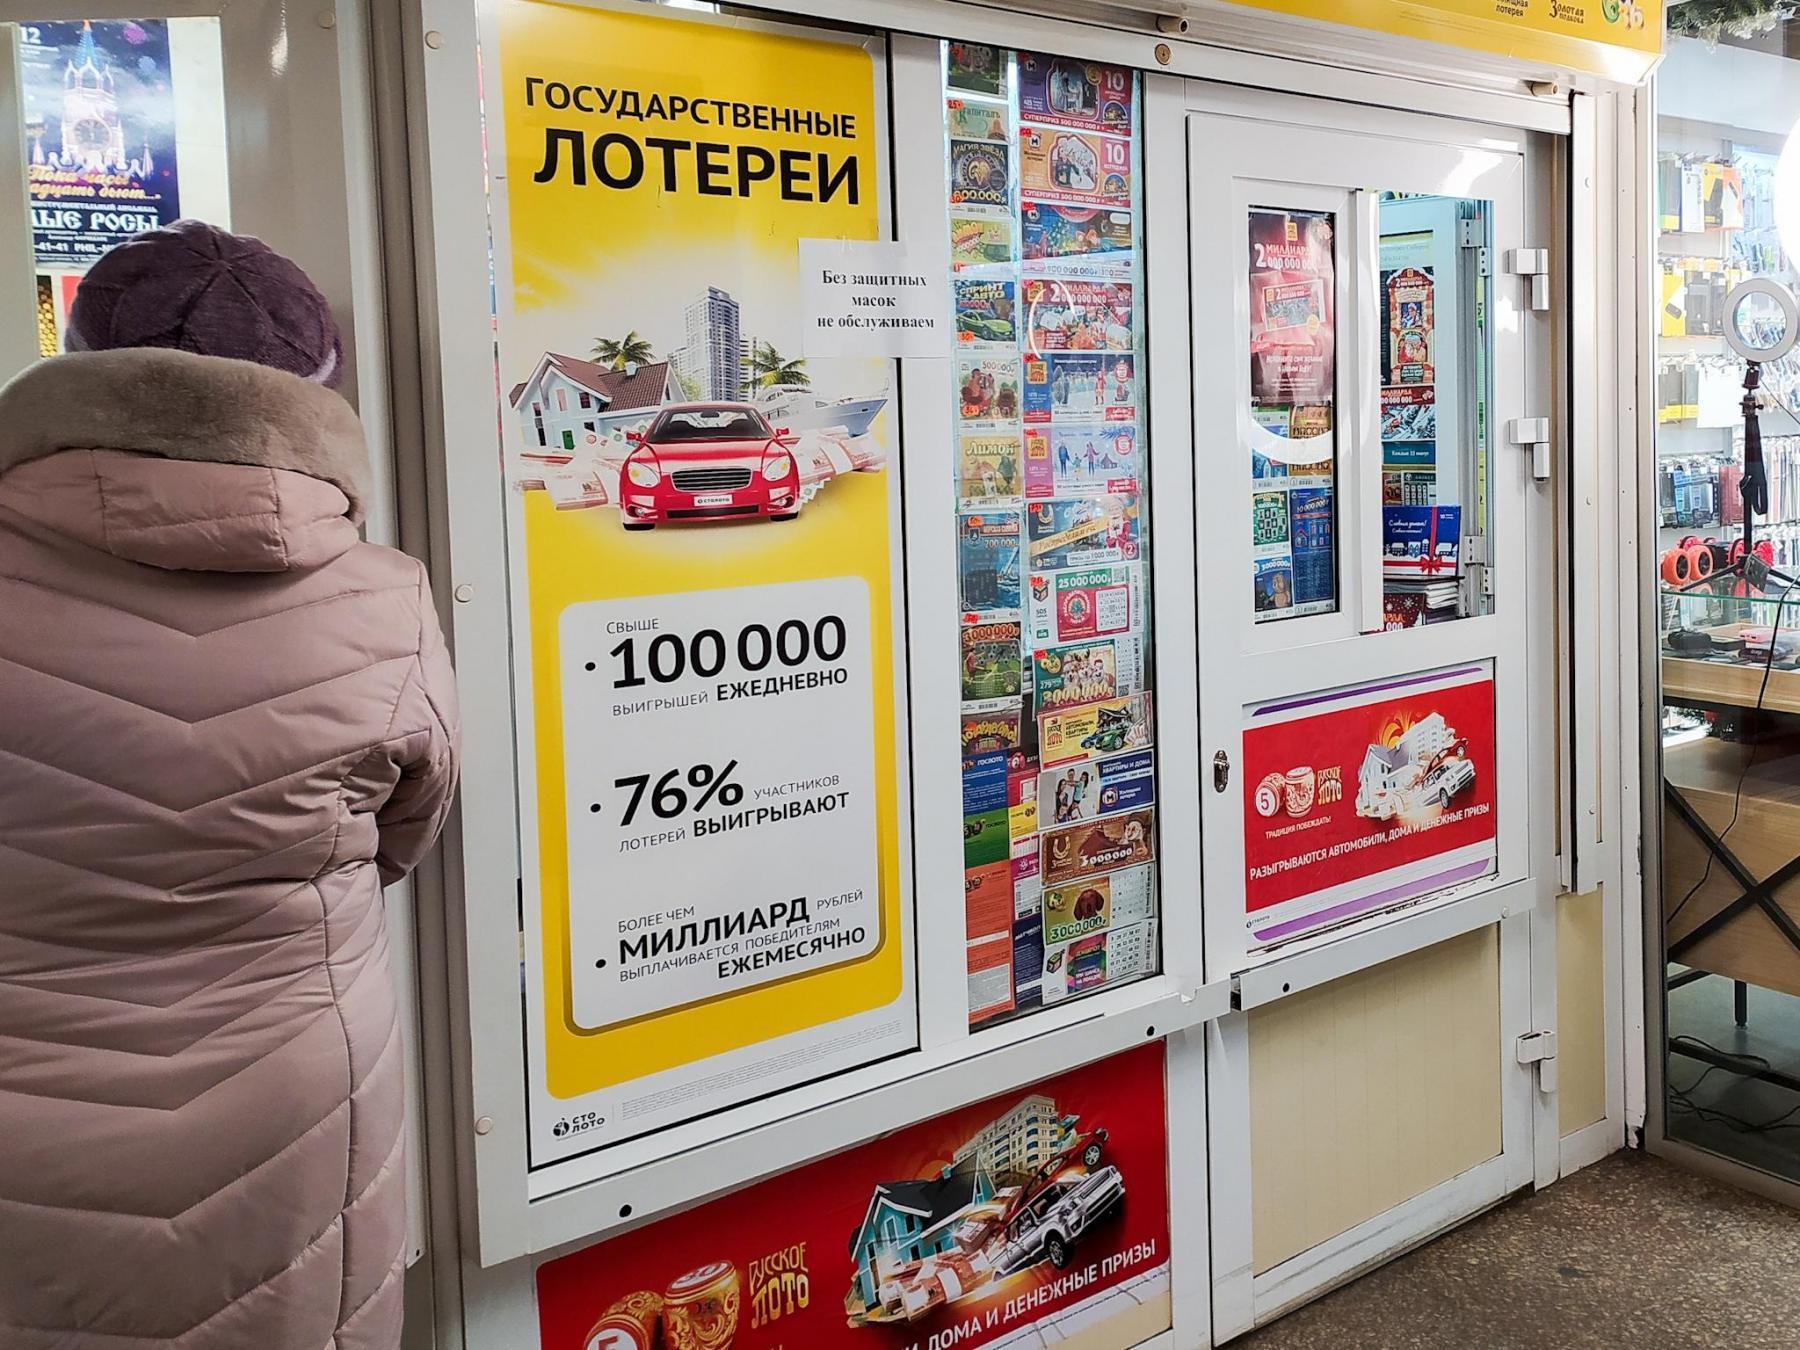 Фото Рост смертности от коронавируса, приёмная кампания в вузы России в 2021 году и розыск миллионера: главные новости 29 июня – в одном материале 4